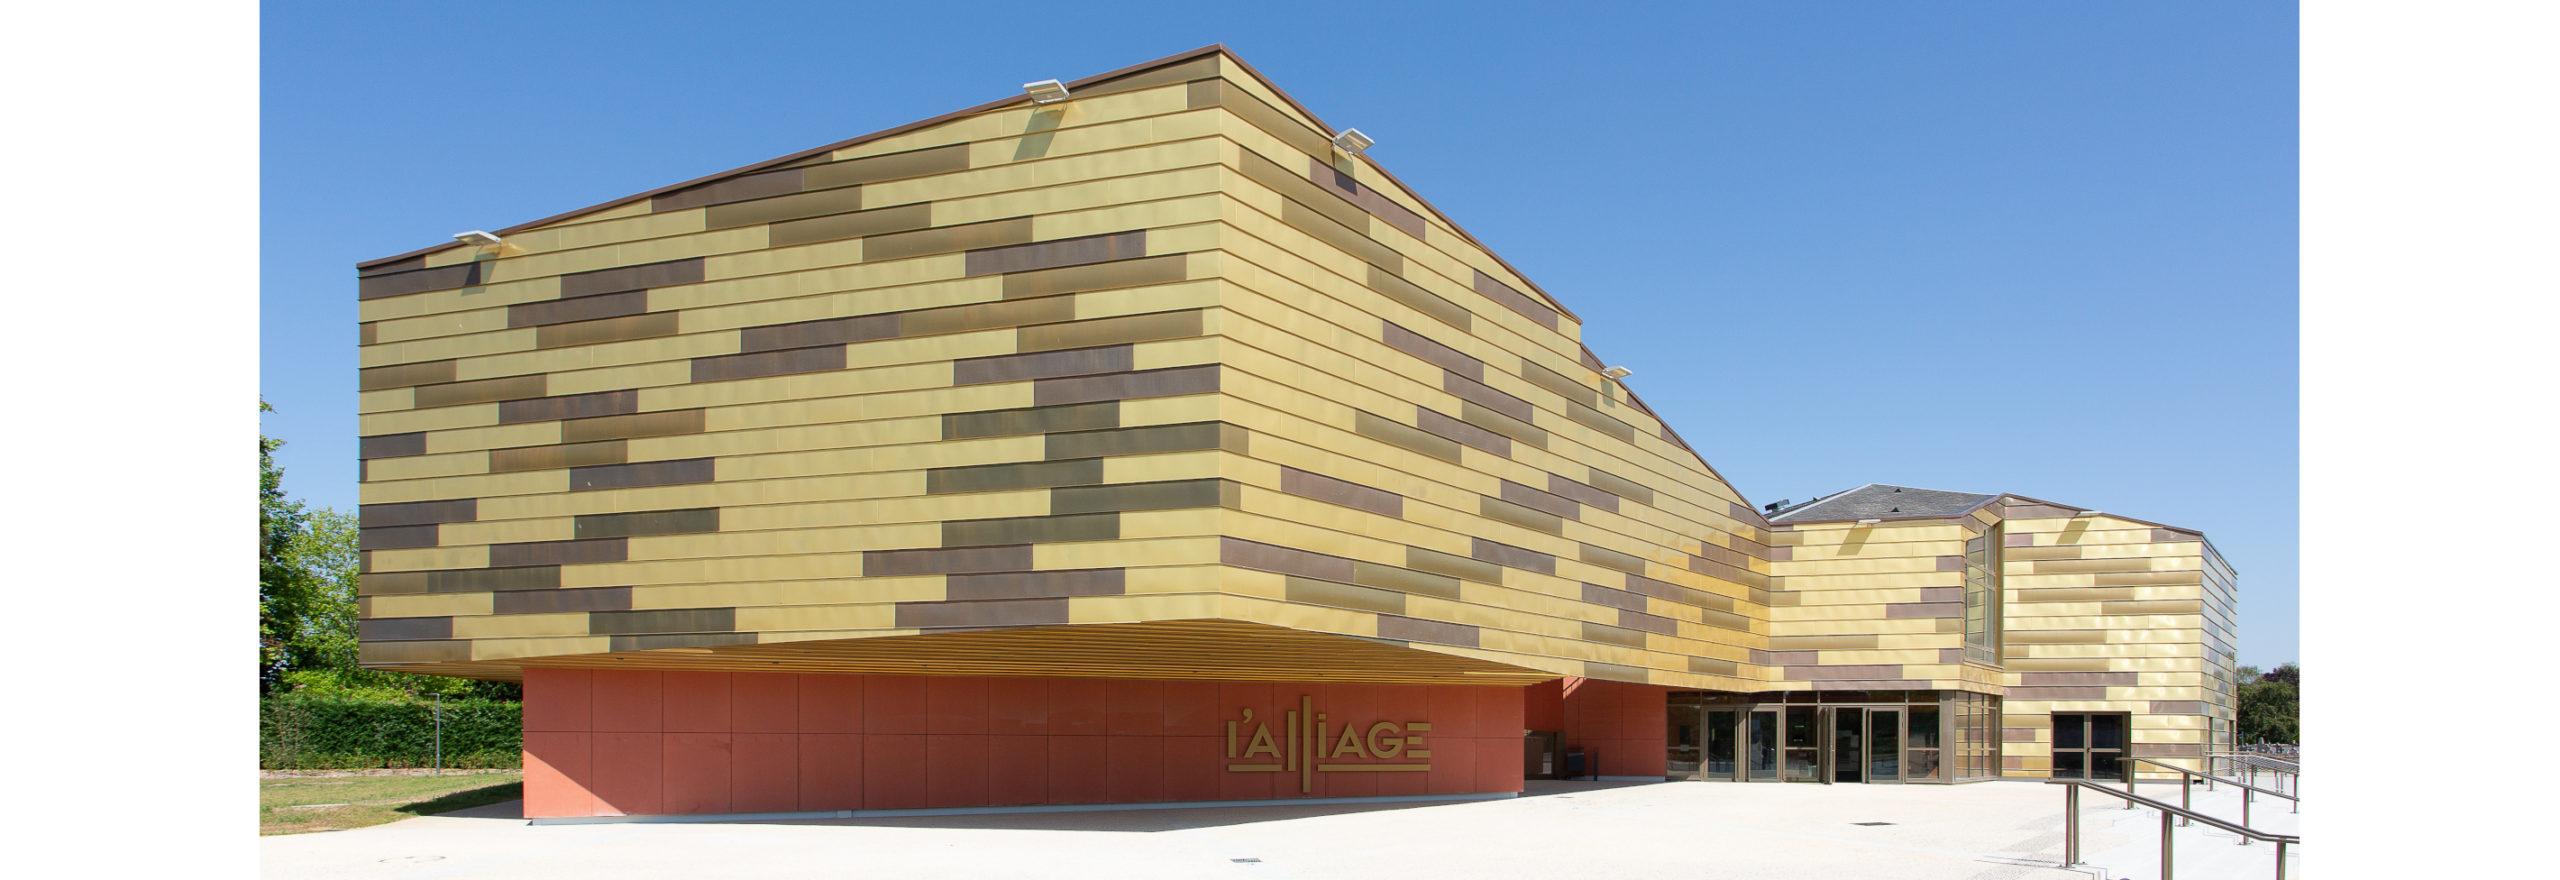 Espace culturel l'Alliage – Olivet (45)